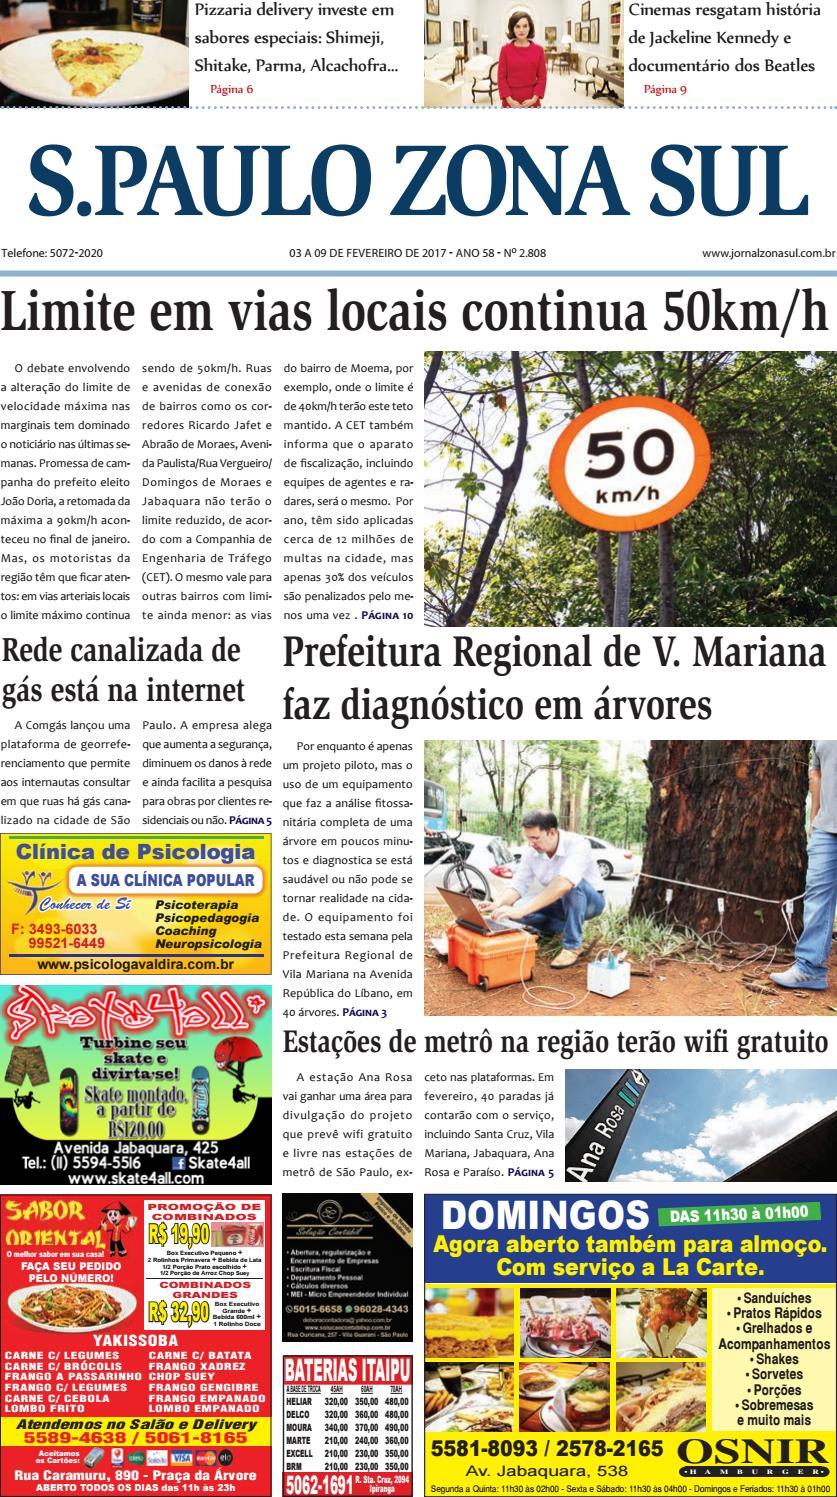 d35824cd9816e 03 a 09 de fevereiro de 2017 - Jornal São Paulo Zona Sul by Jornal Zona Sul  - issuu